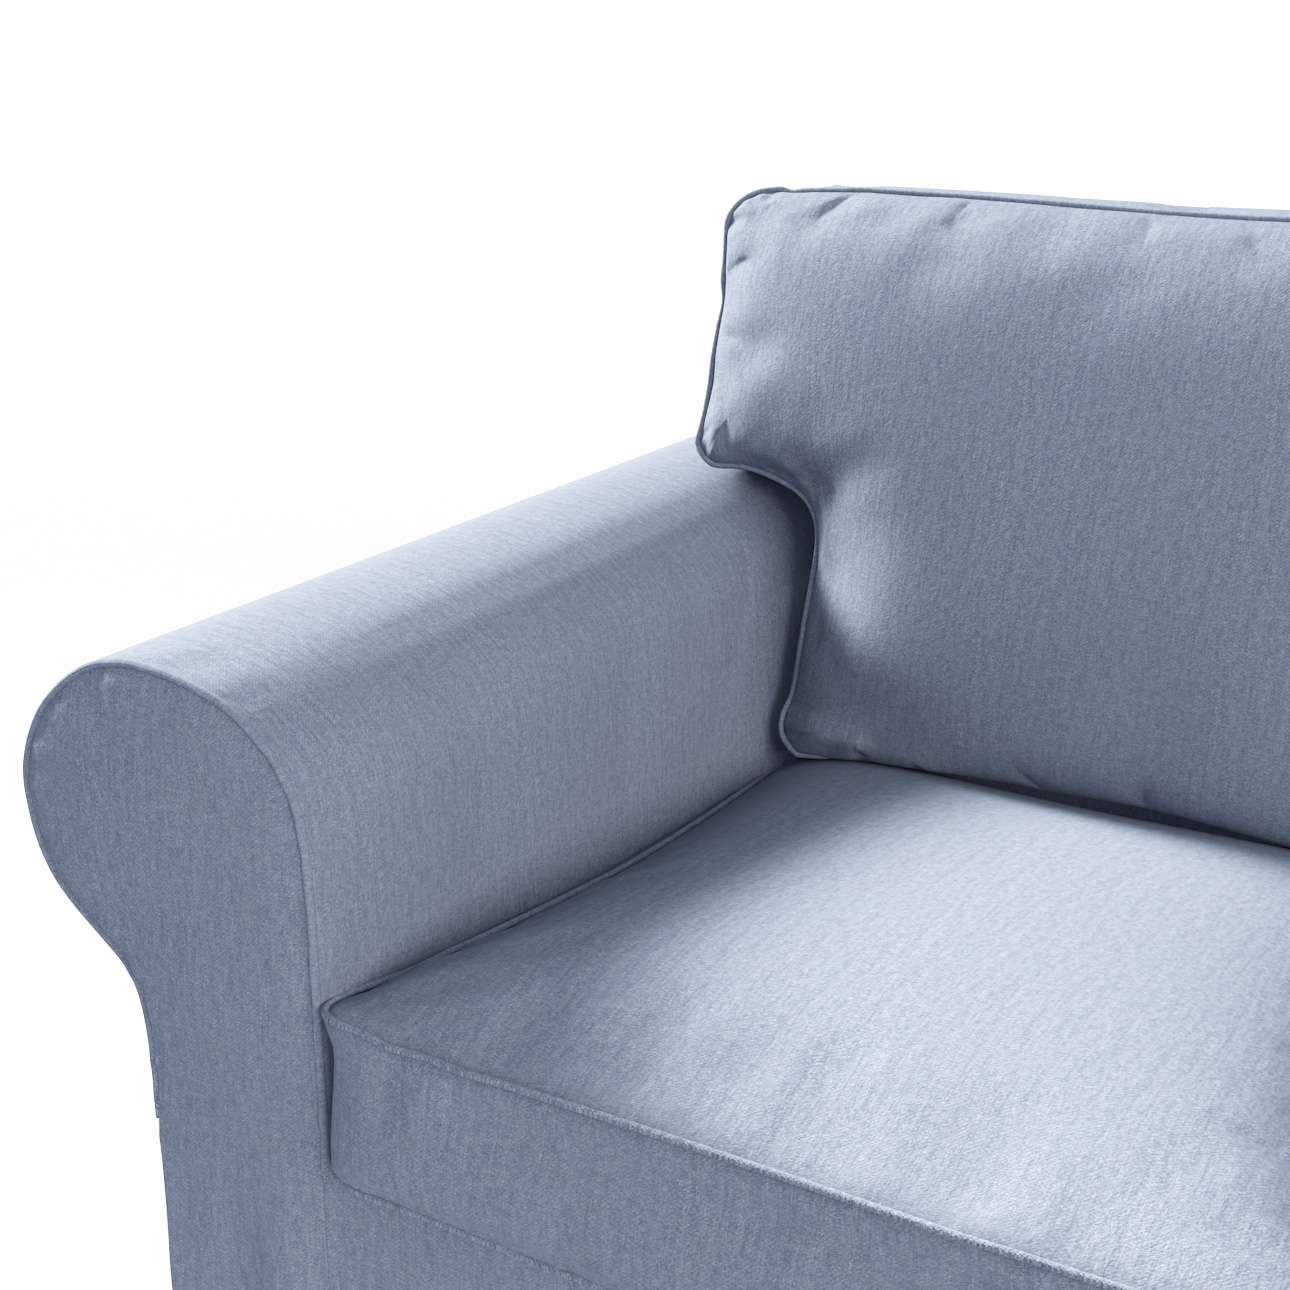 Pokrowiec na sofę Ektorp 3-osobową, rozkładaną STARY MODEL w kolekcji Chenille, tkanina: 702-13